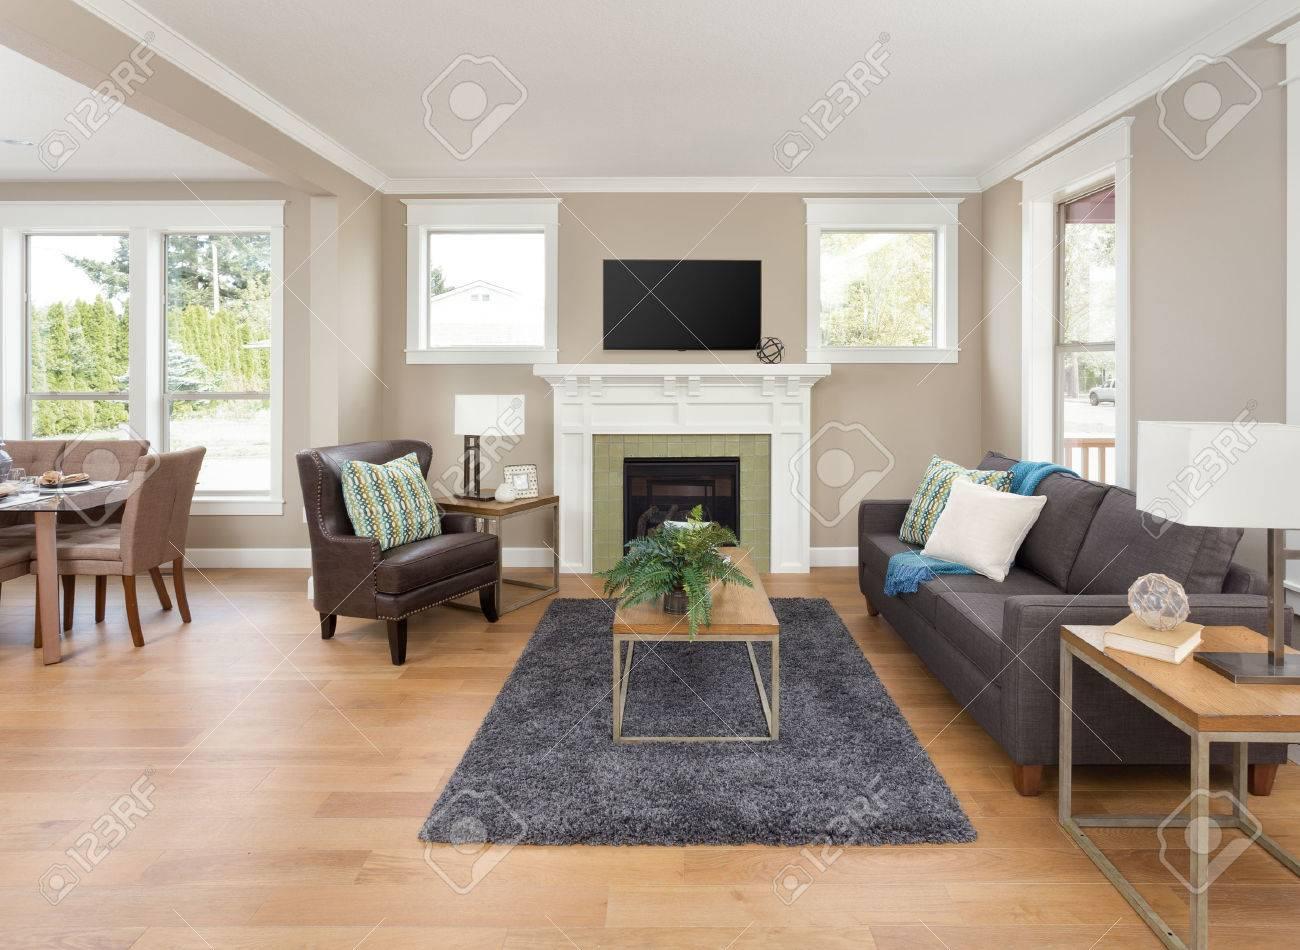 Full Size of Wohnzimmer Board Lampe Teppich Led Lampen Liege Wandbild Tapeten Großes Bild Fototapeten Wohnzimmer Schöne Wohnzimmer